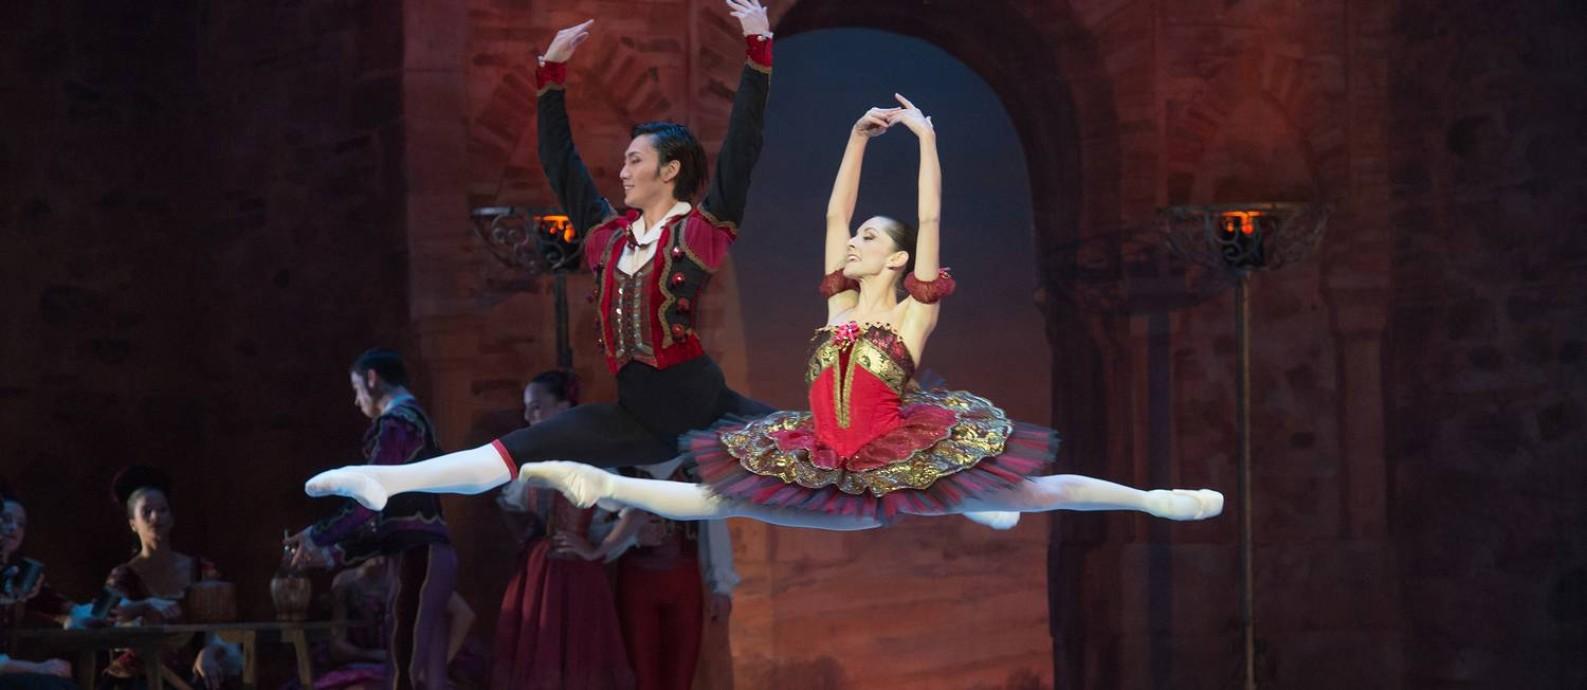 ef8923905b RS - Ballet du Capitole de Toulouse Foto  Divulgação David Herrero    Divulgação